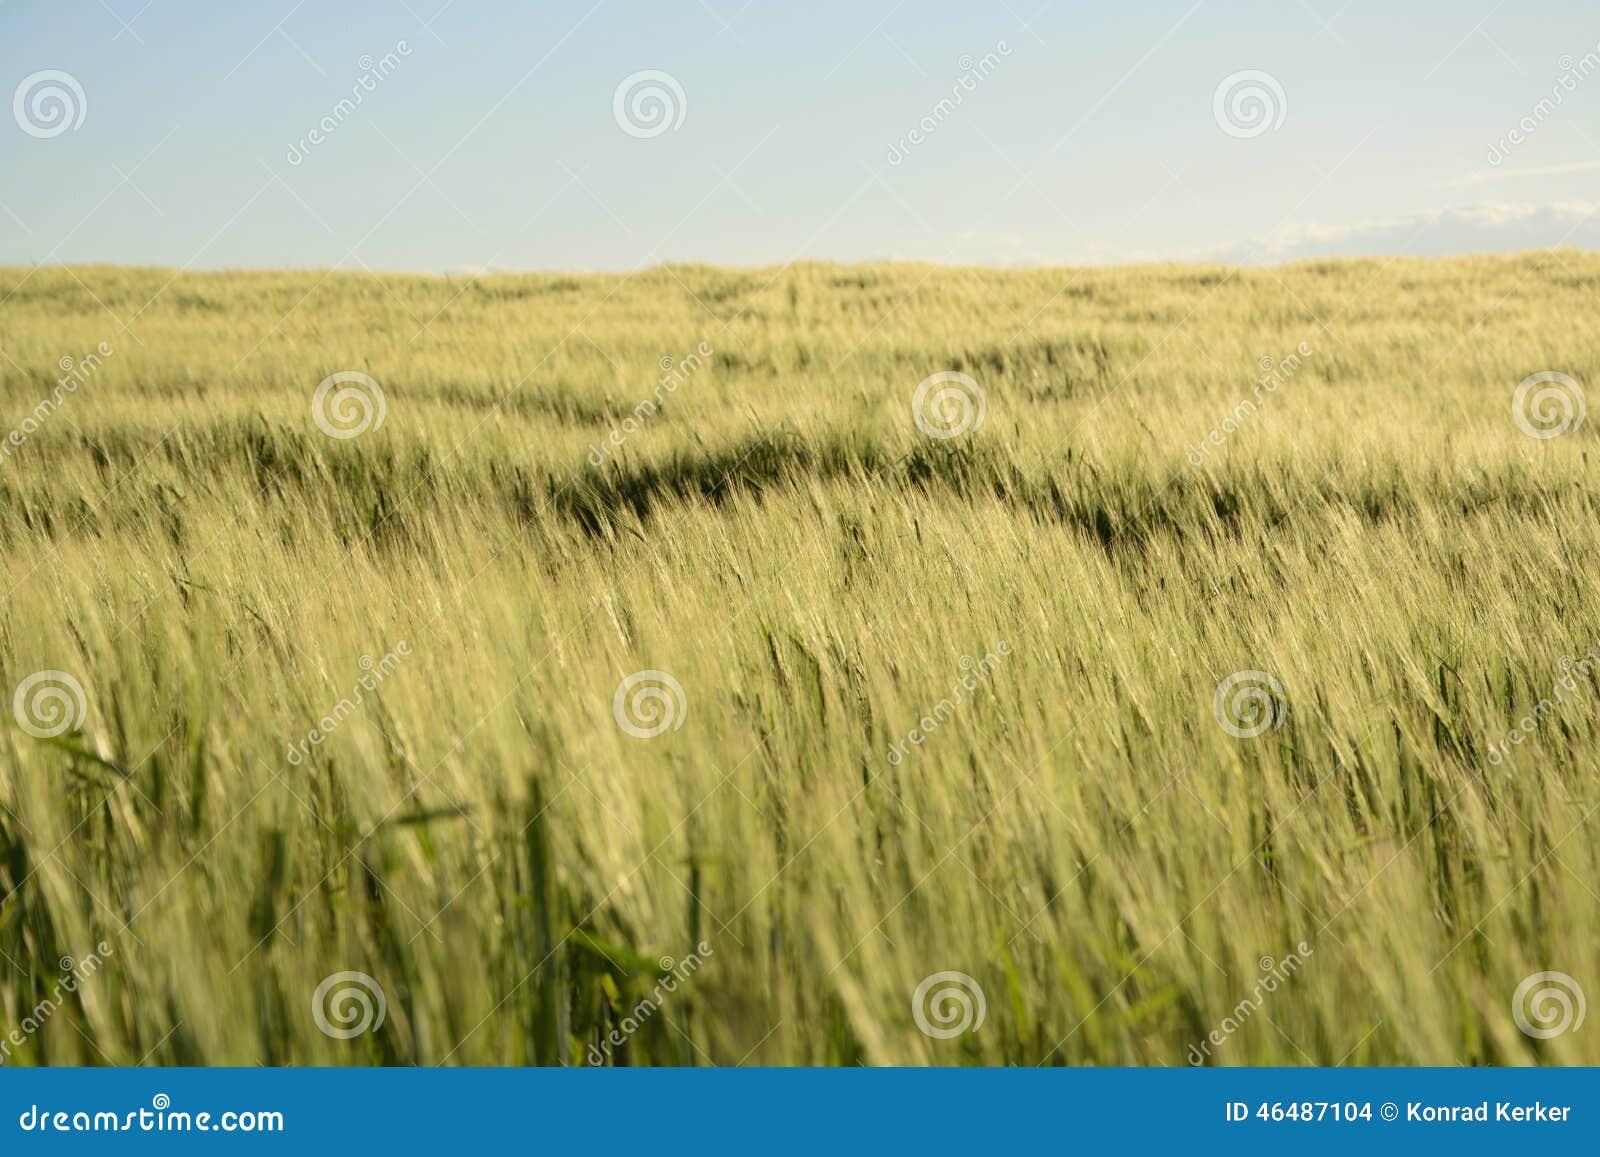 Außerhalb der Stadt - ländliche Landschaft - ein Feld